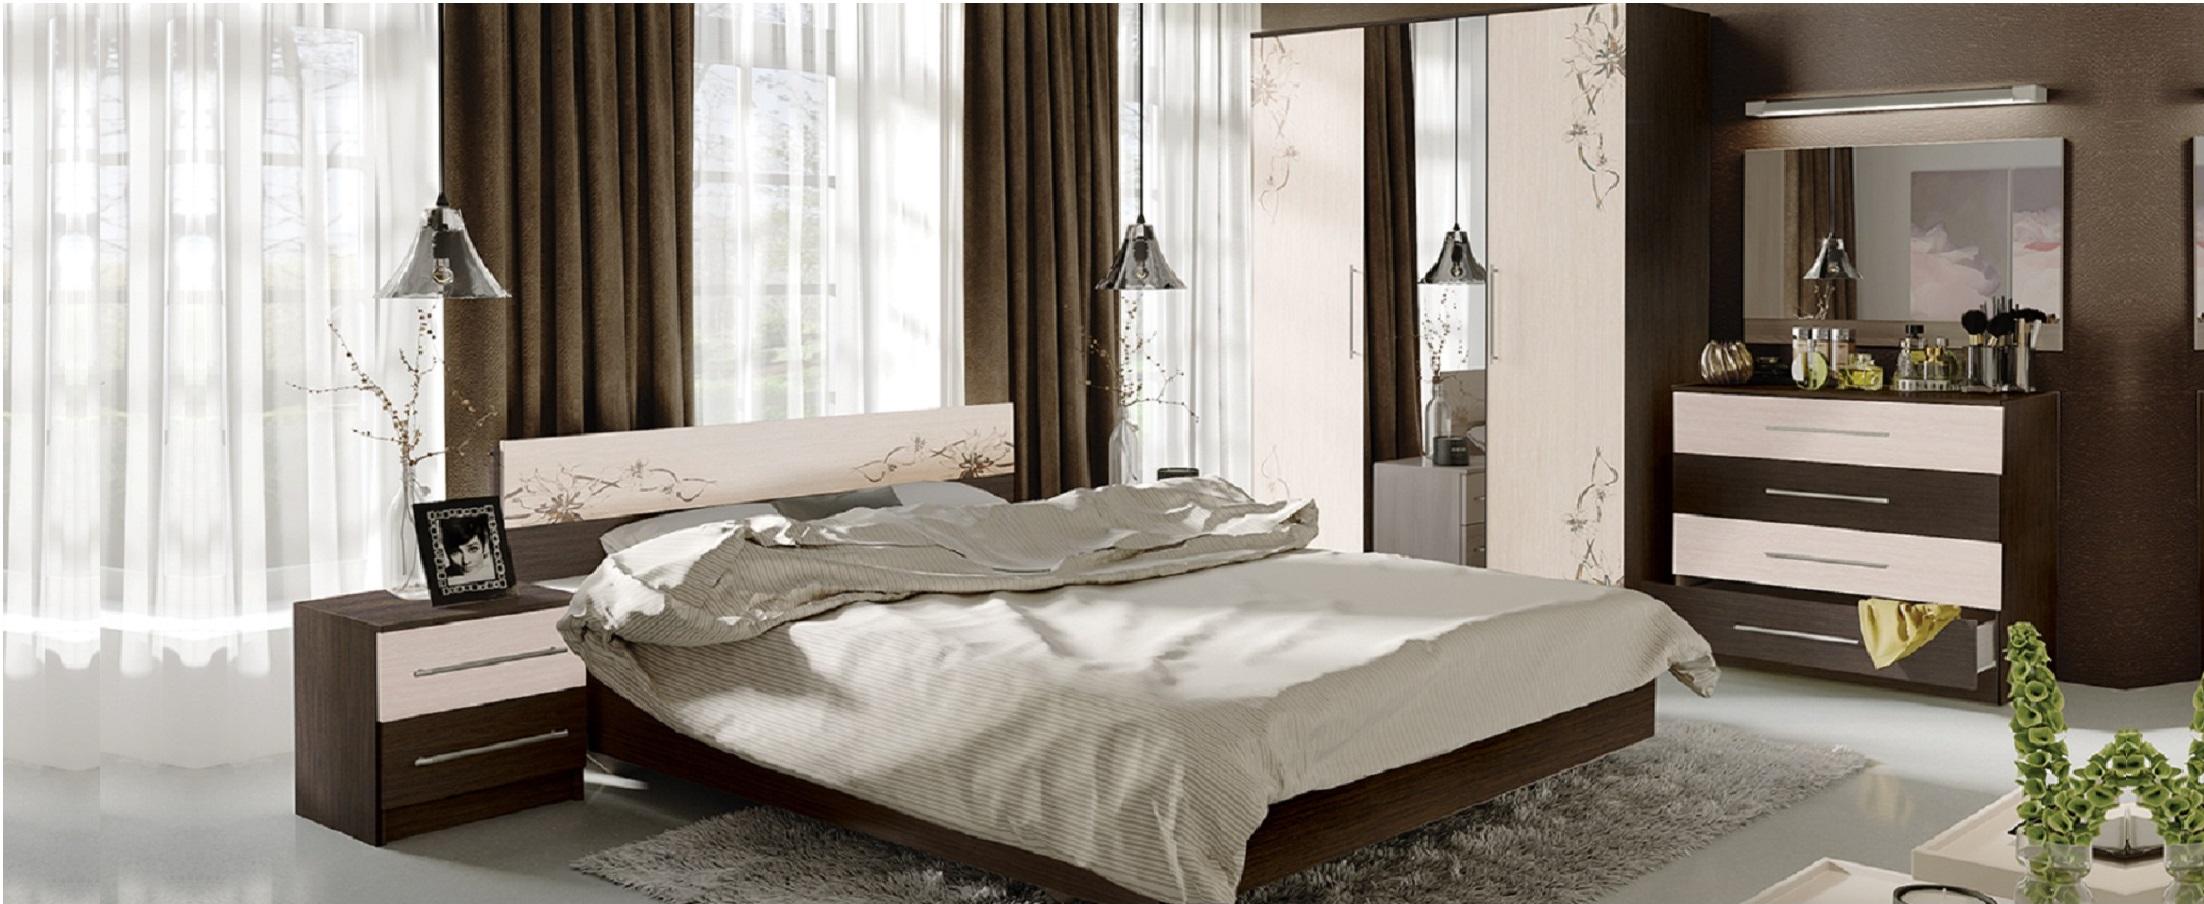 Спальный гарнитур Мишель - купить во Владивостоке в интернет-магазине MOON TRADE Д001579